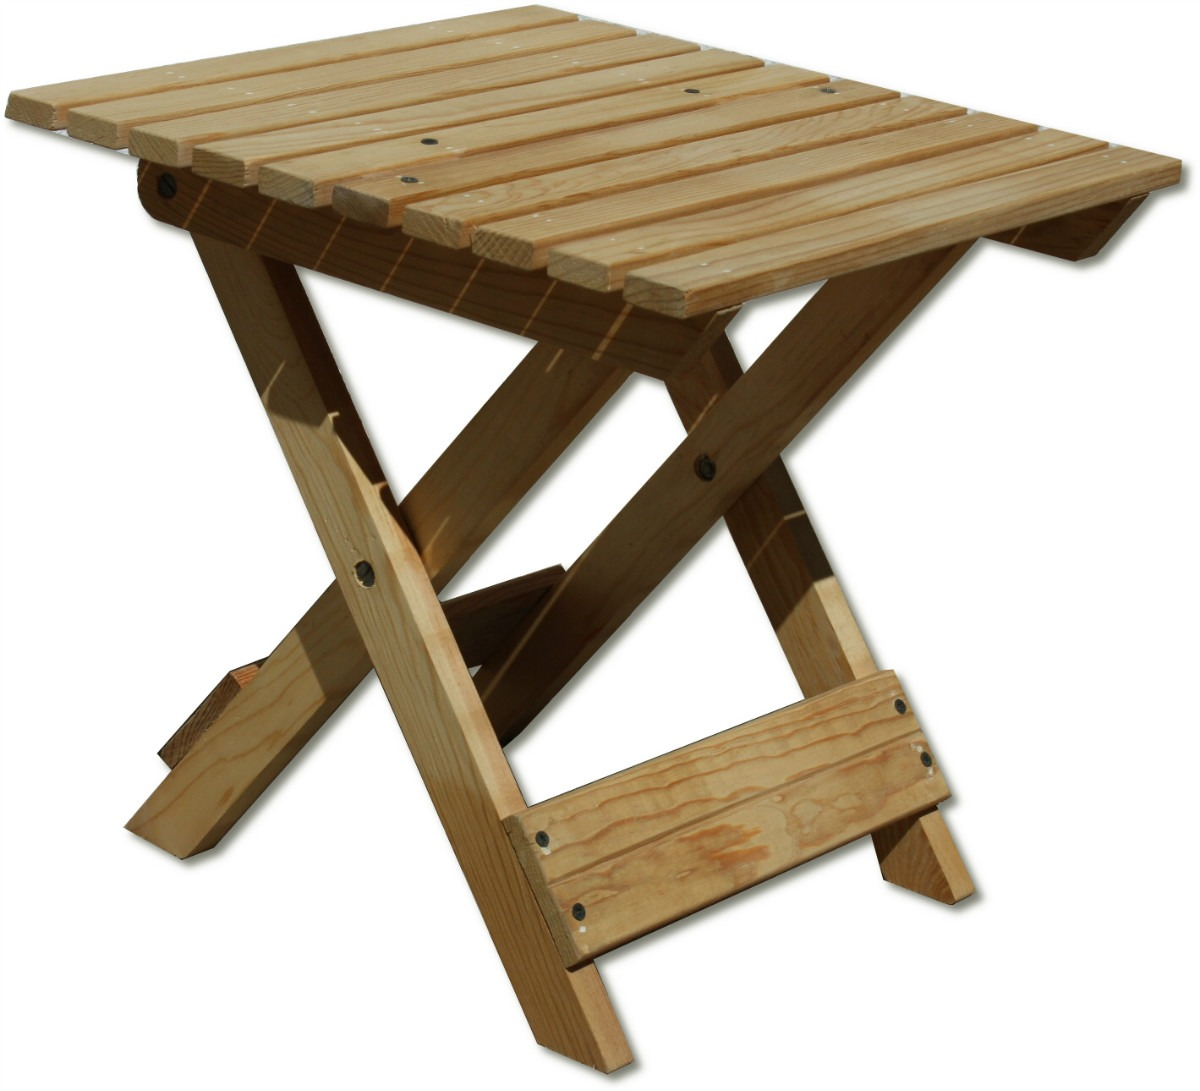 Banco de jard n mueble plegable madera jardin interiores - Banco de madera ...